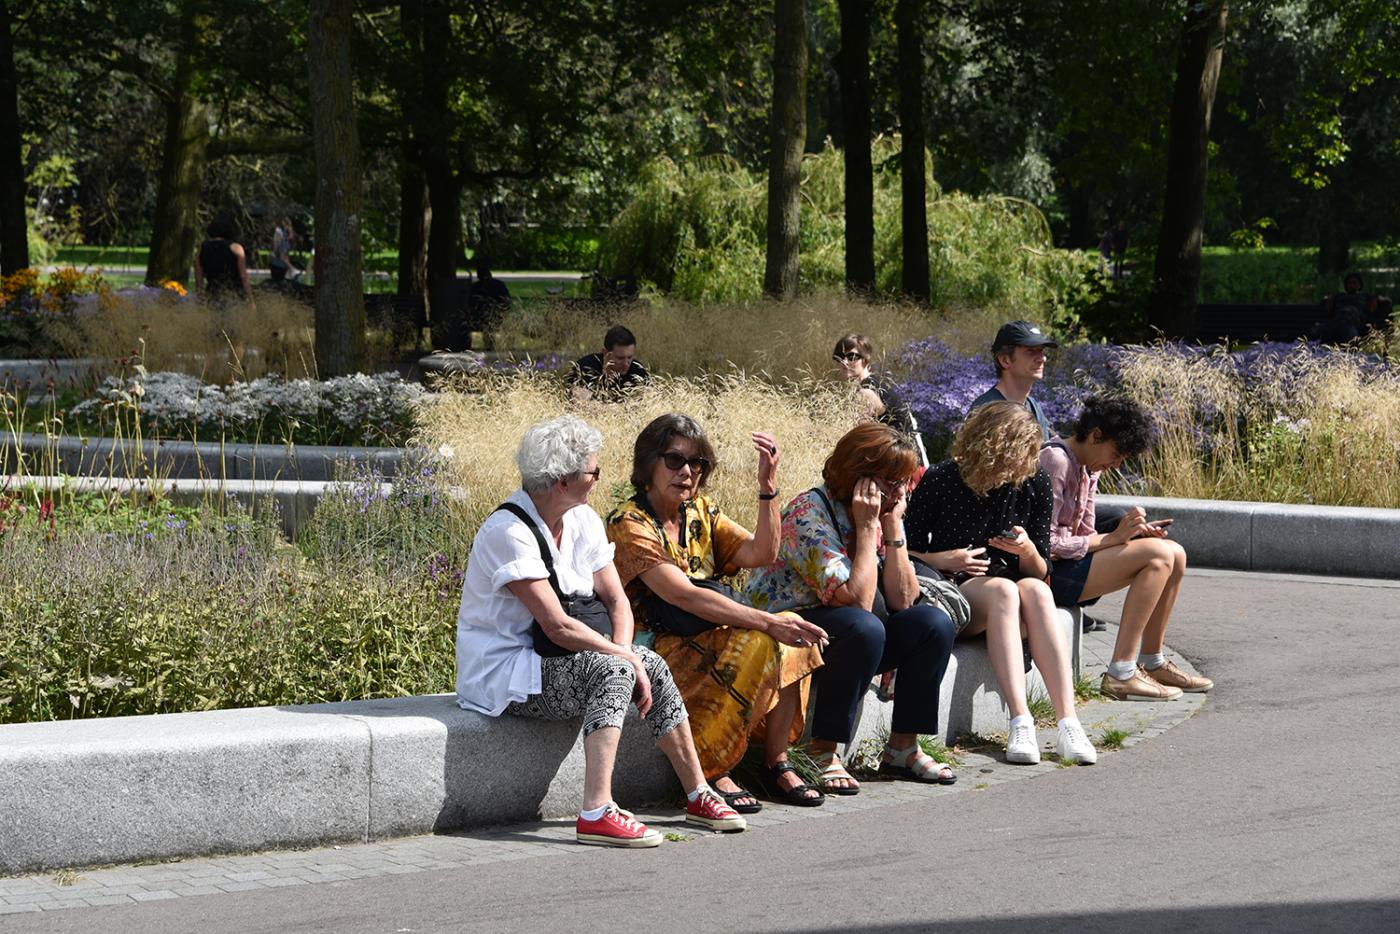 oosterpark-amsterdam-burosantenco-park-renovatie-landschapsarchitectuur-klimaatadaptief-biodiversiteit-stadspark-muziekkoepel-vasteplanten-zitrand